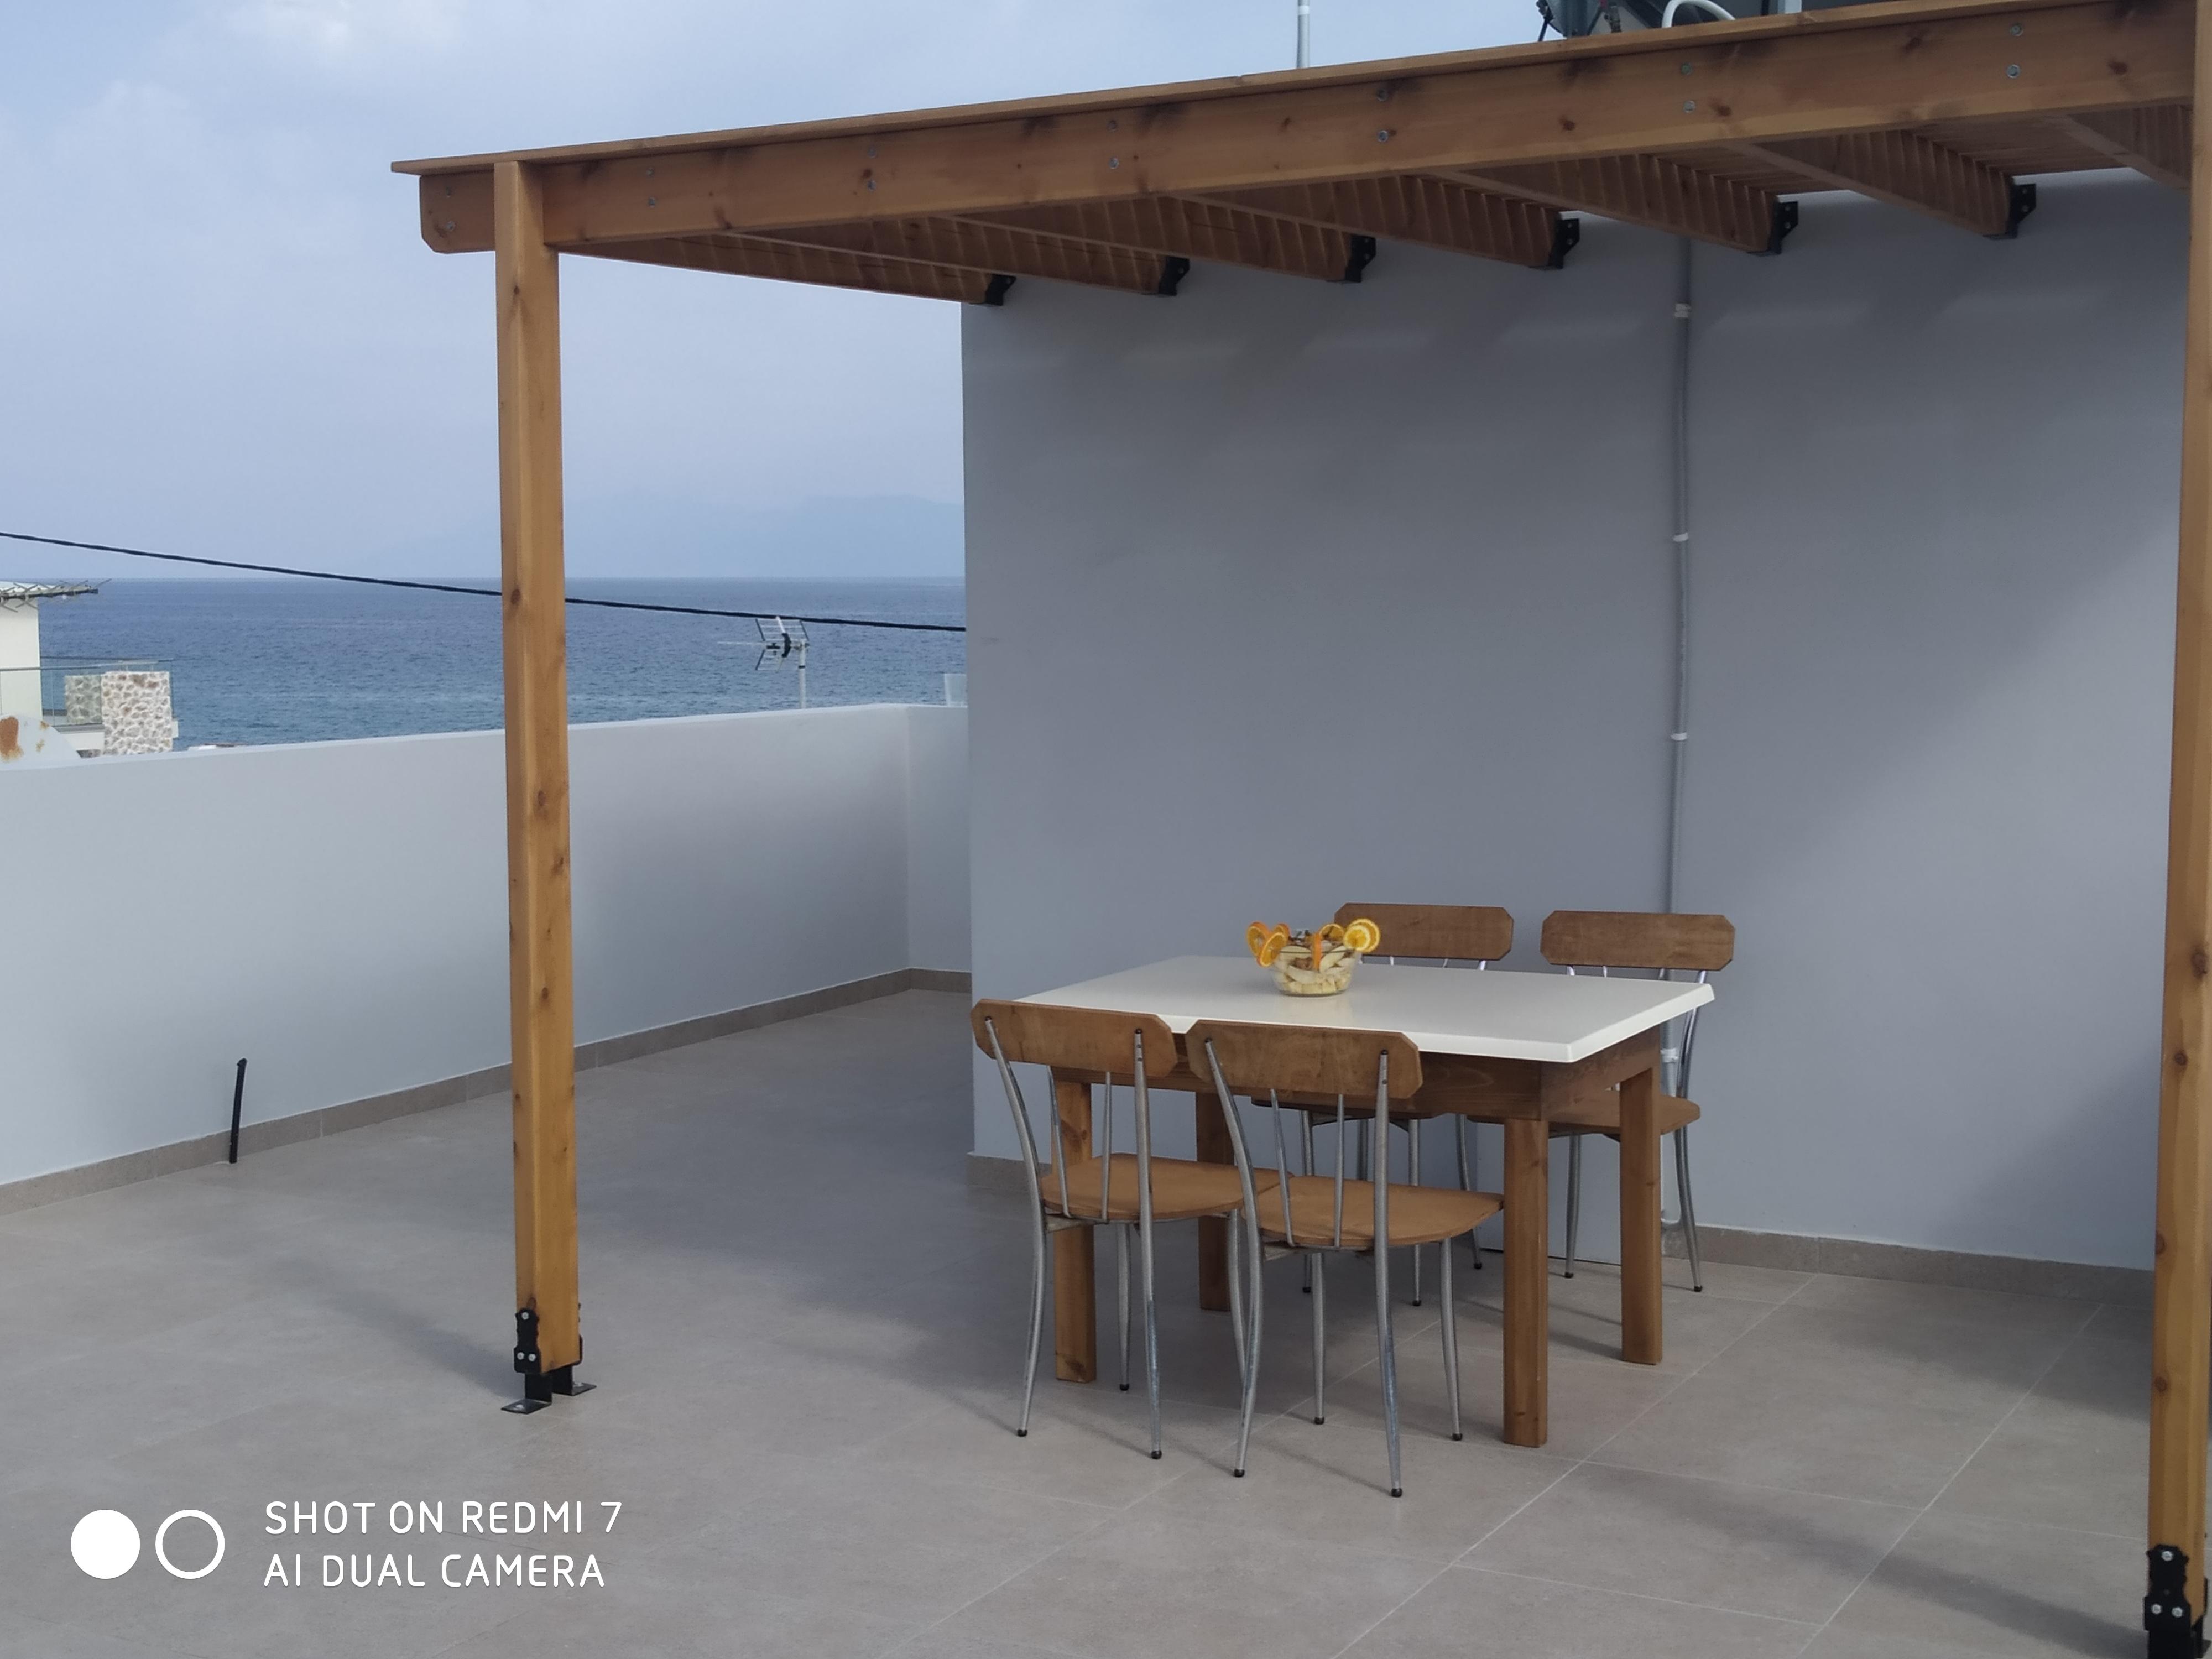 Holiday apartment Komfortable neu erbaute 2-Zimmer-Wohnung, 15 Meter vom Meer entfernt (2792118), Kardamaina, Kos, Dodecanes Islands, Greece, picture 11